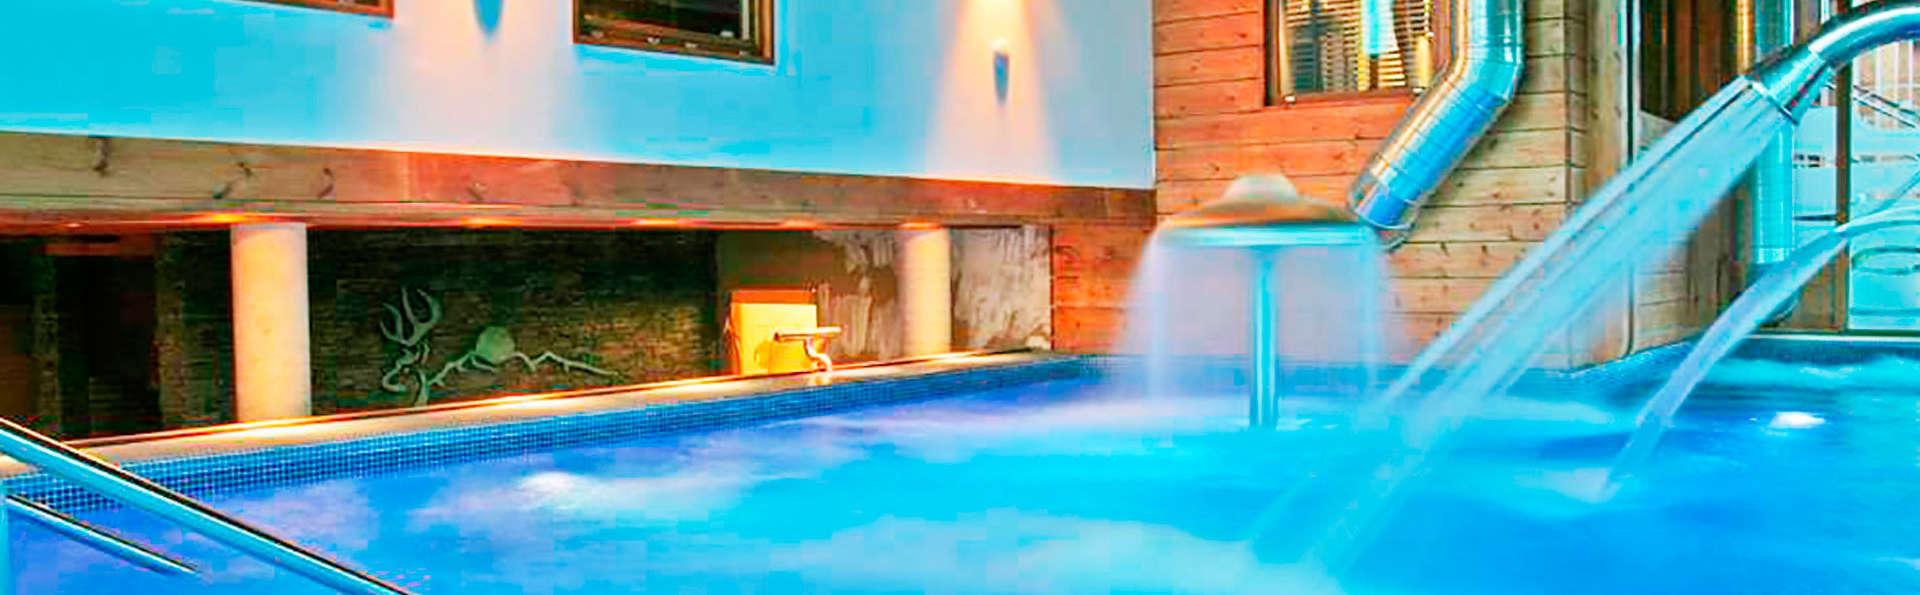 Escapada Relax con acceso al Spa y bombones en Cantabria